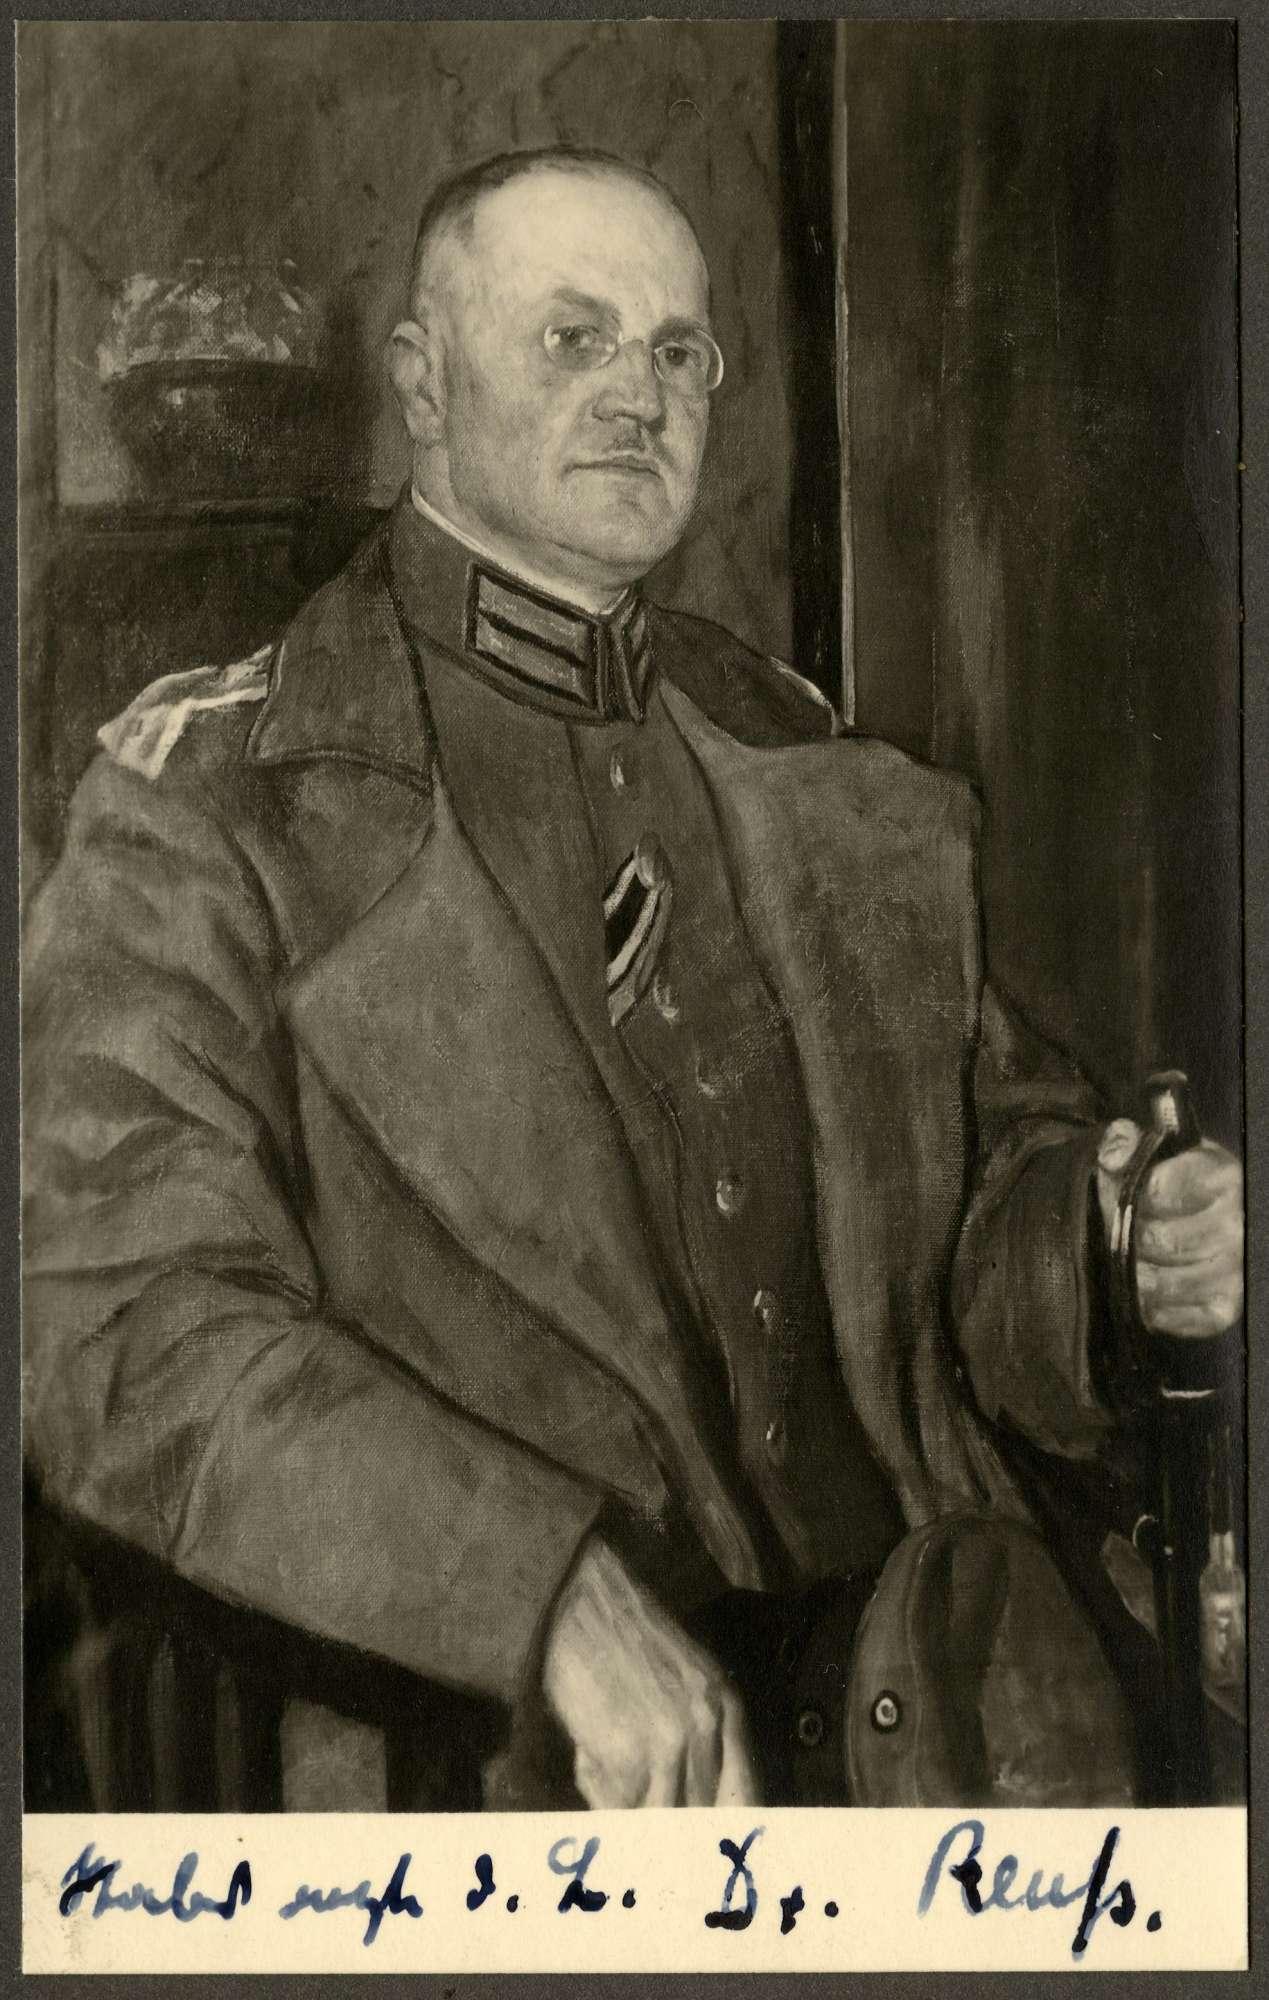 Reuß, Wolfgang, Dr., Bild 1